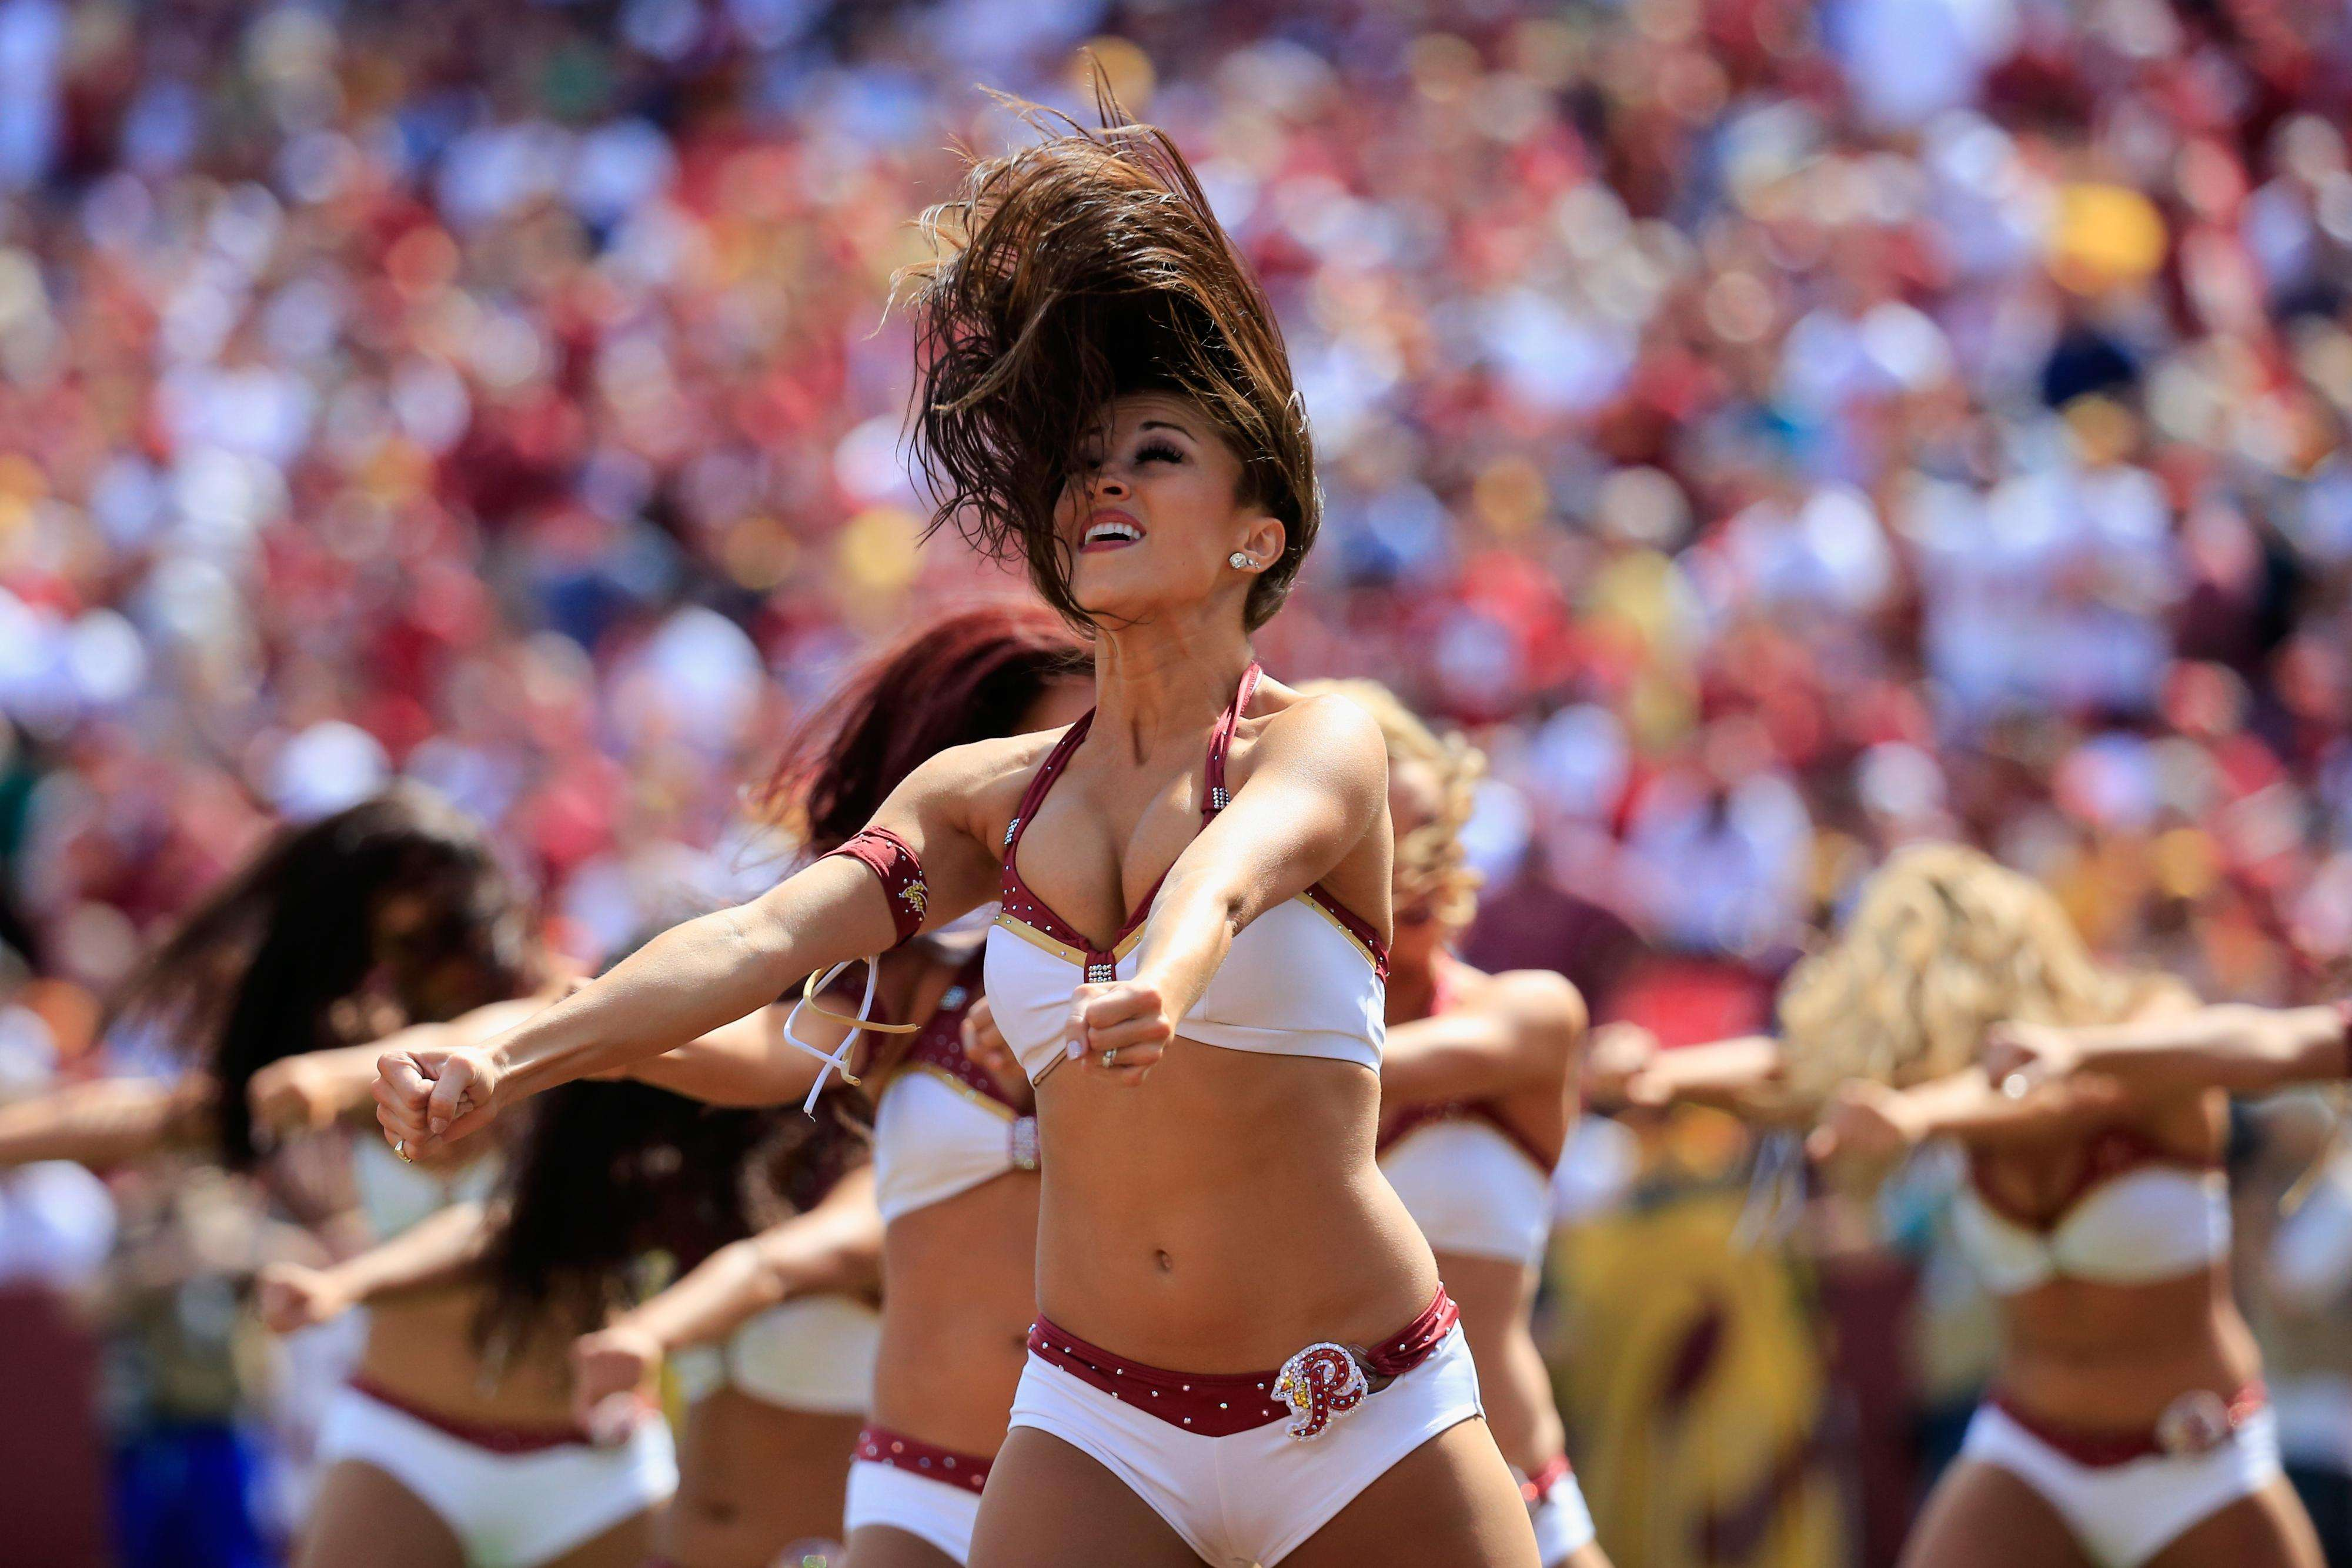 Las famosas porristas de la NFL muestran su belleza y espectacular trabajo en las canchas de la liga. Foto: Getty Images